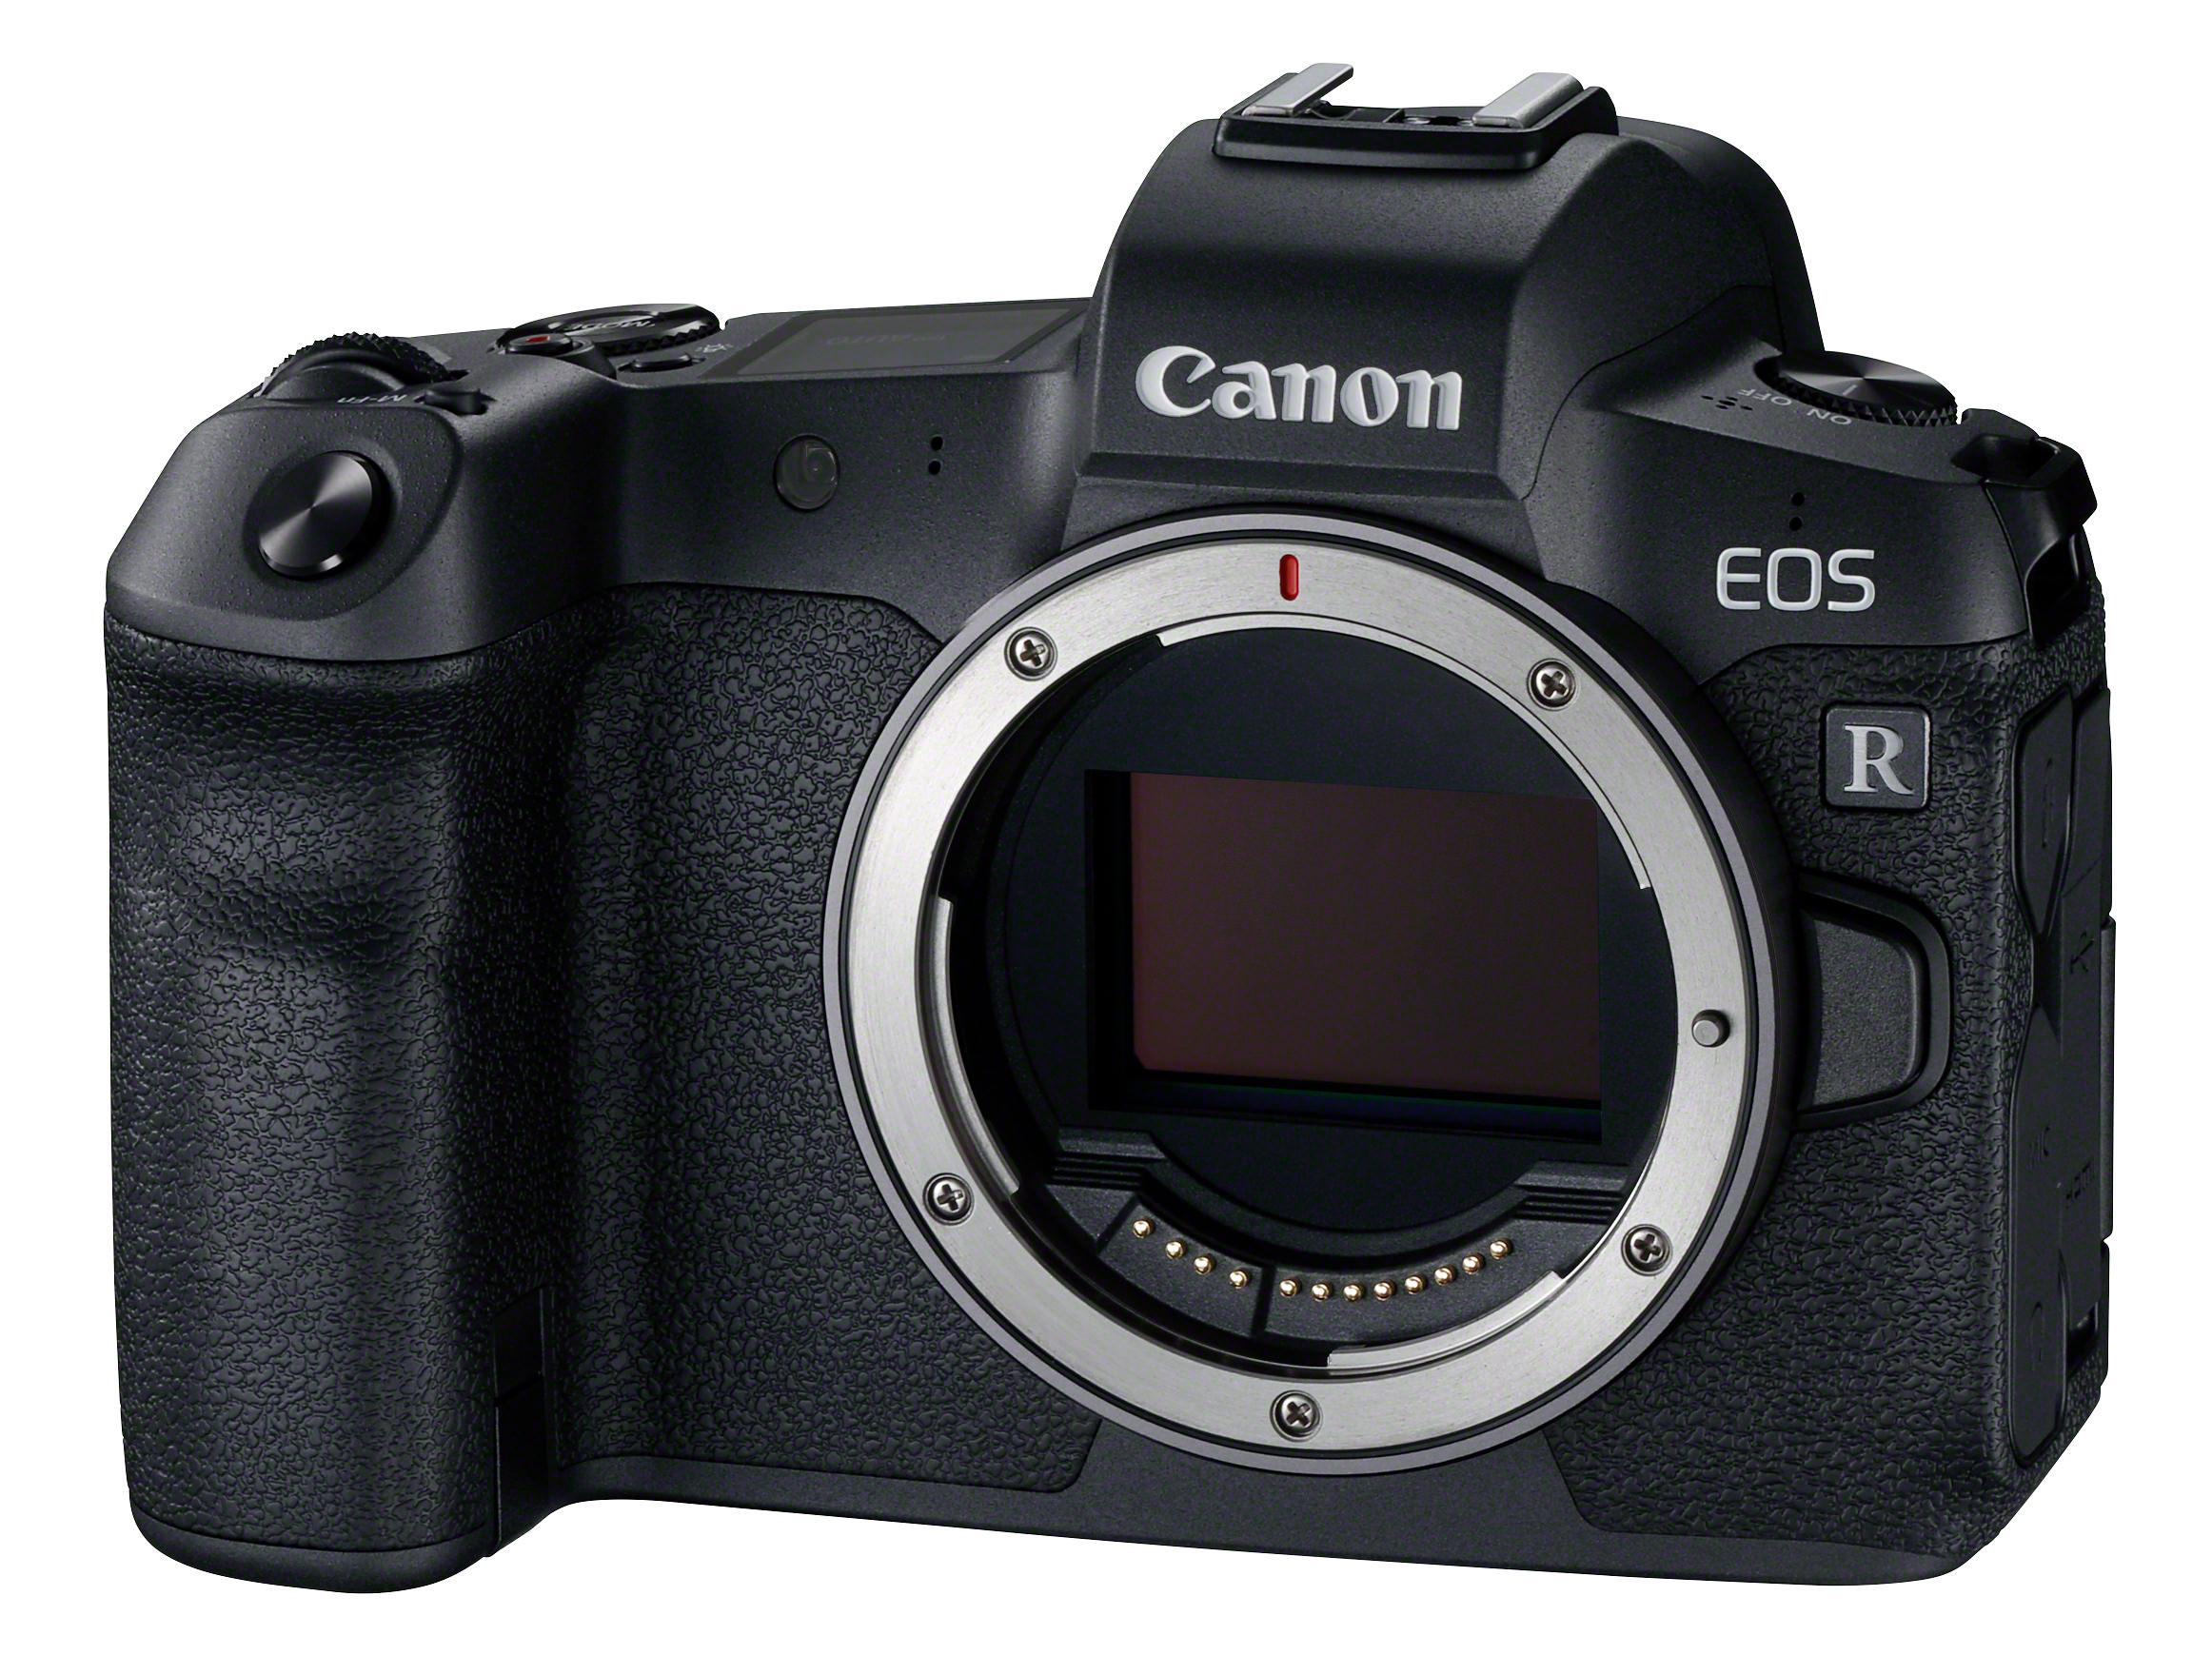 Canon EOS R Vs Nikon Z6 - Full-Frame Mirrorless Camera Comparison